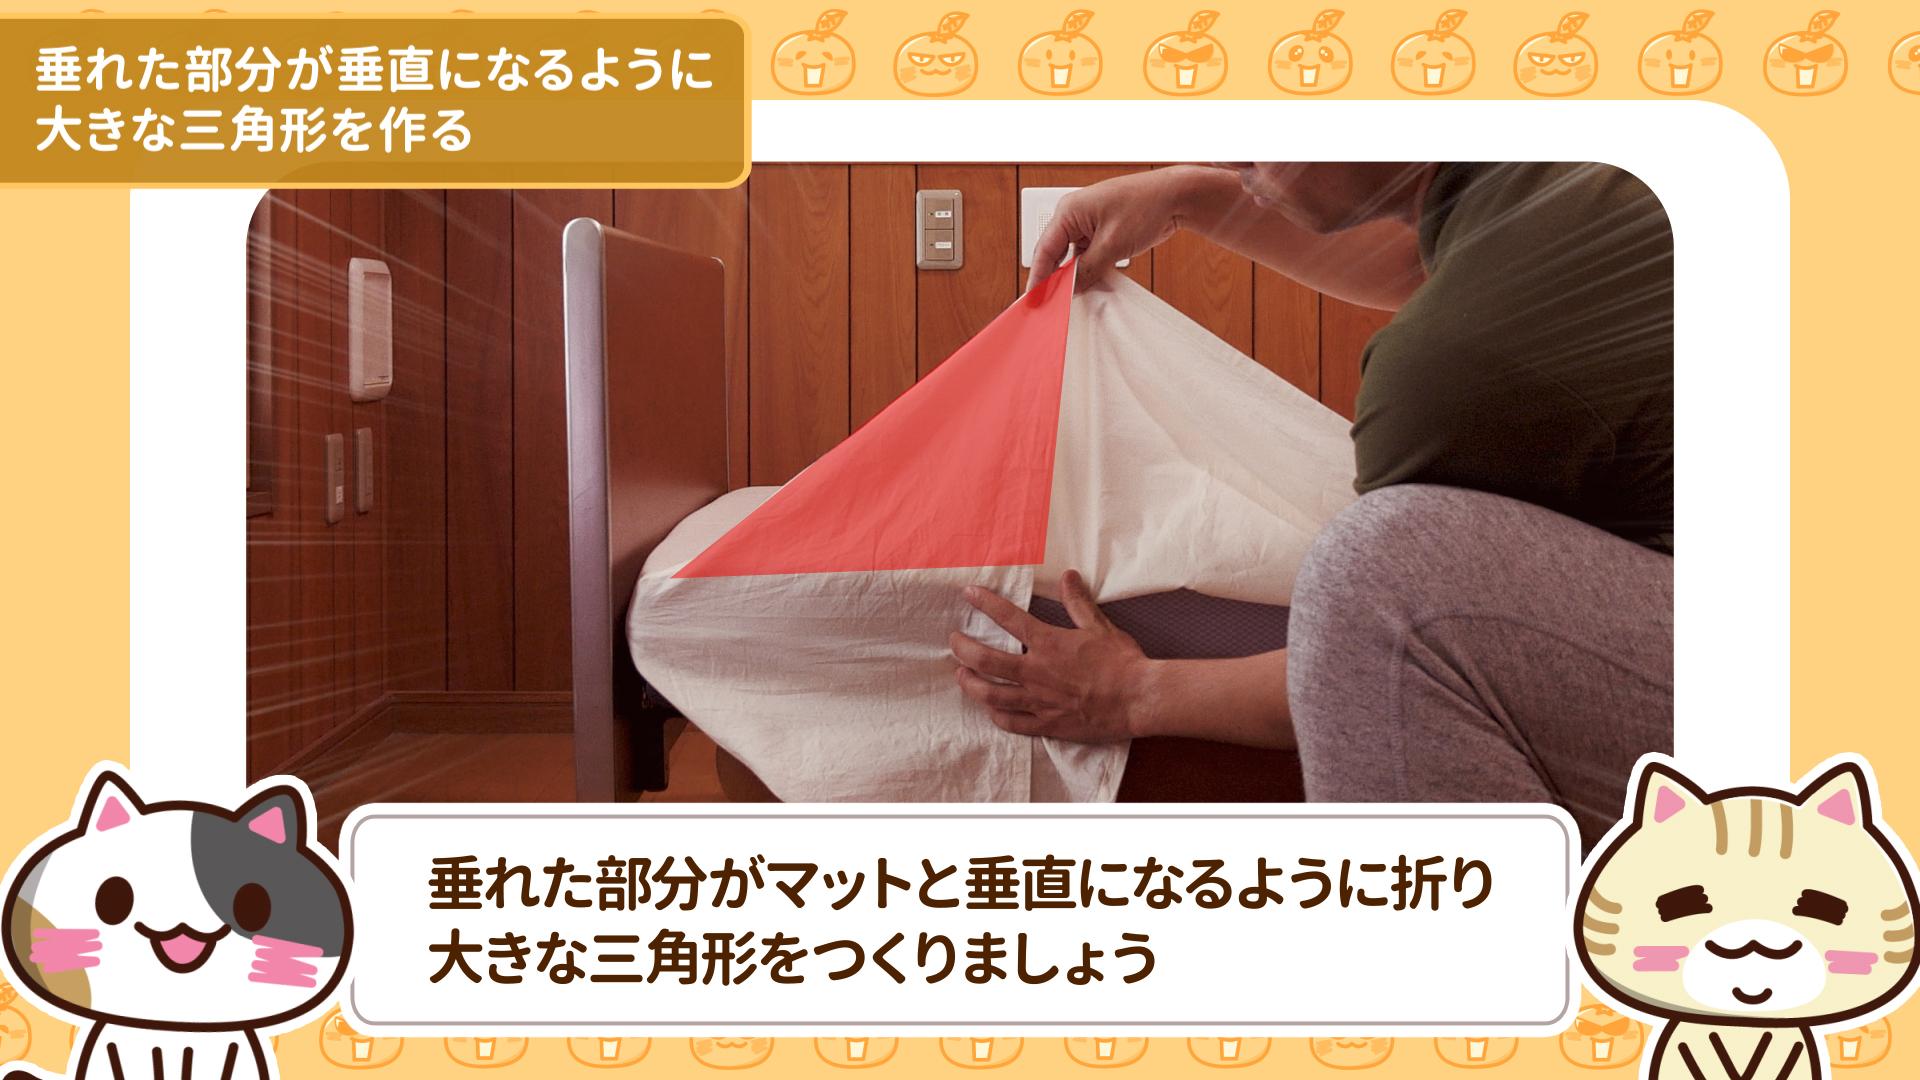 大きな三角形をつくるのイメージ